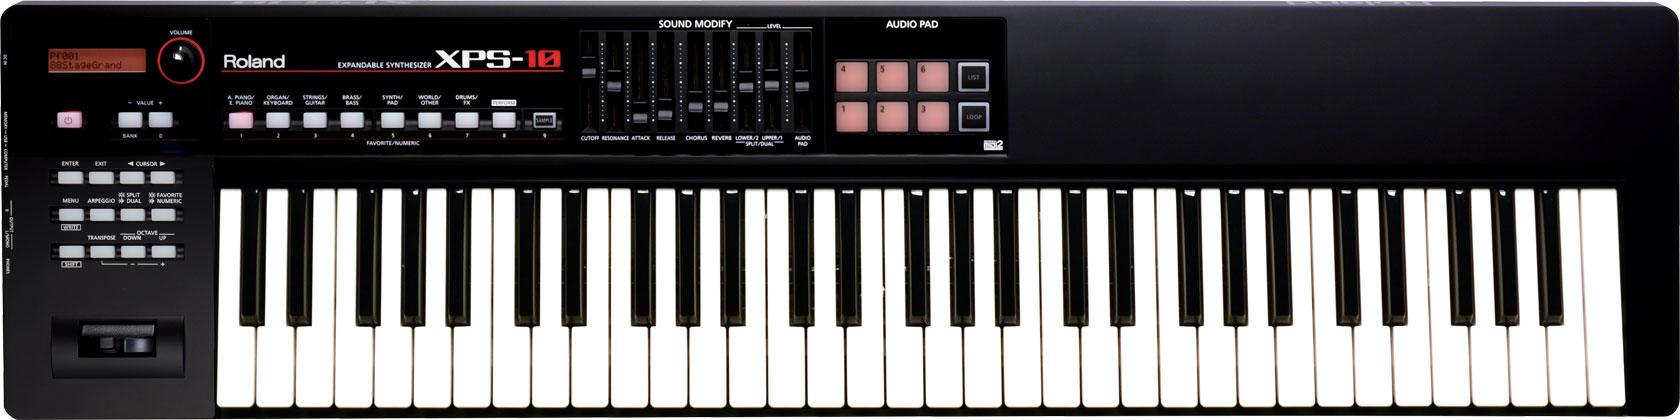 Roland Roland XPS-10 XPS10 có thể mở rộng 61-key tổng hợp điện tử bàn phím bàn phím